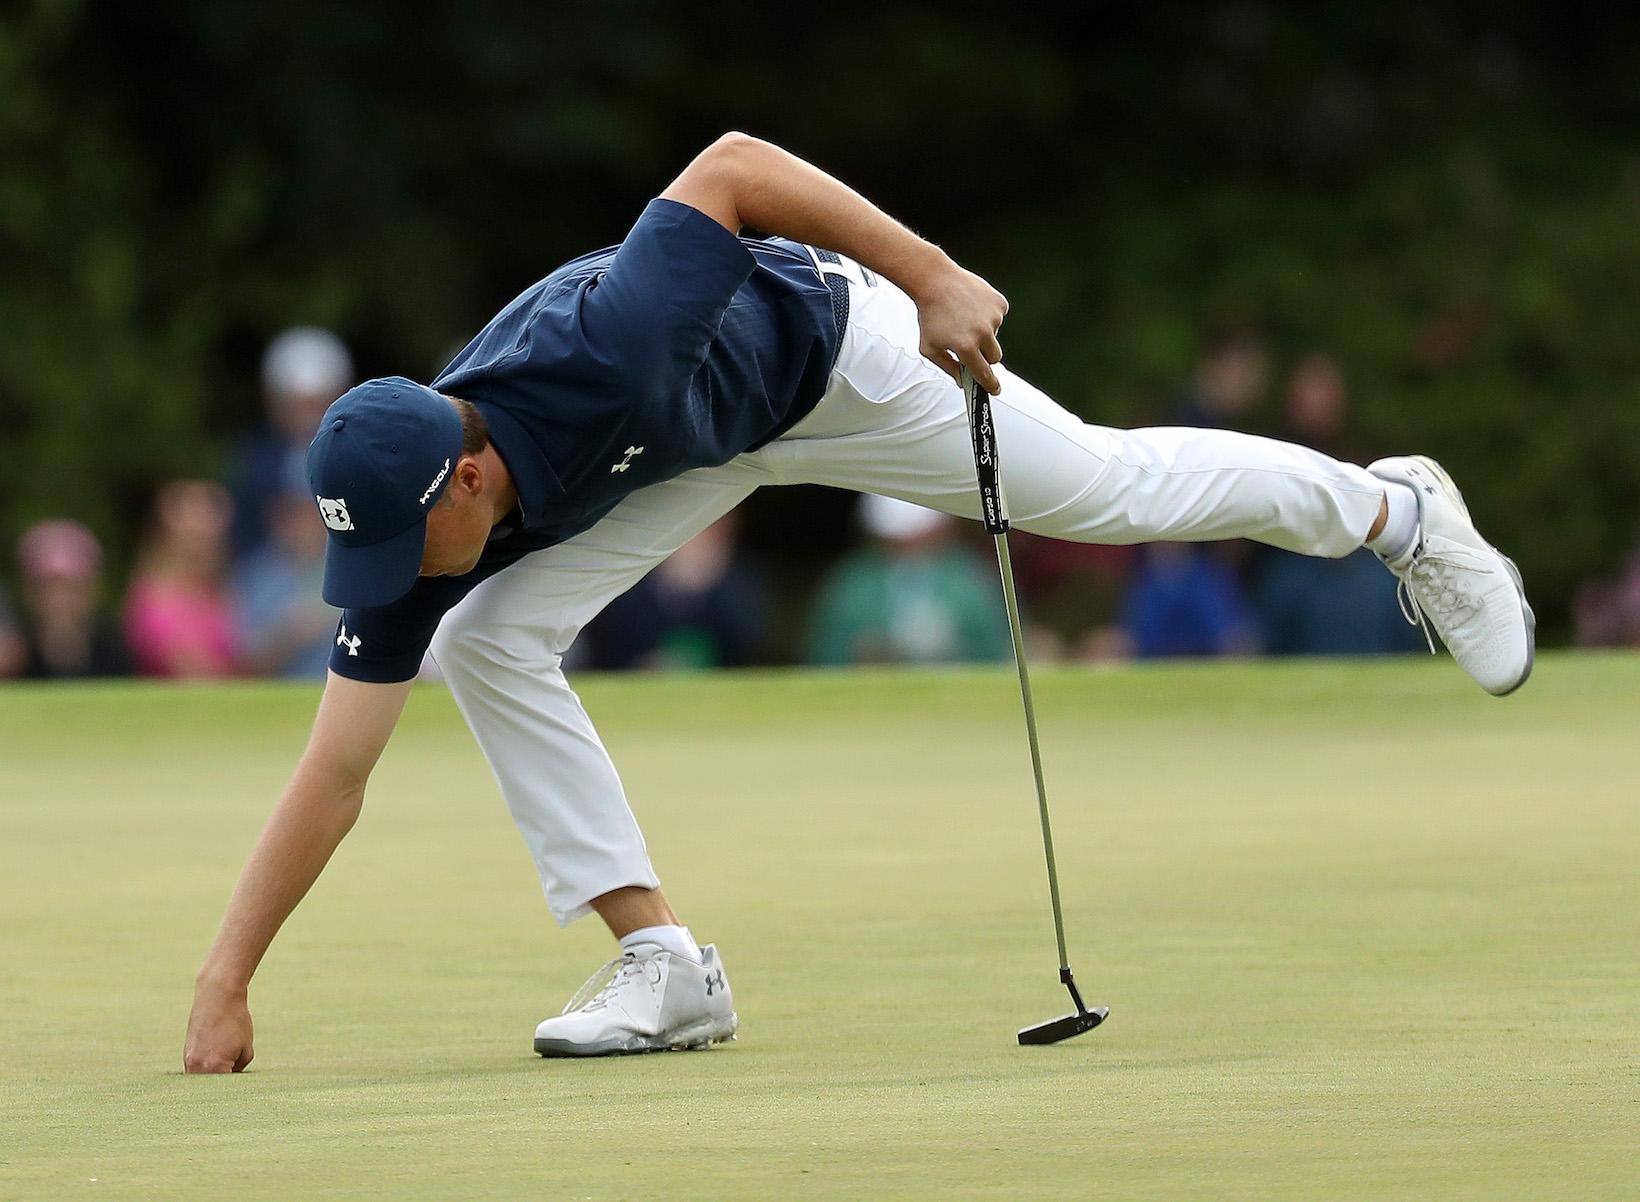 2018 Masters Tournament: Round 1 - Picking Up a Birdie Putt